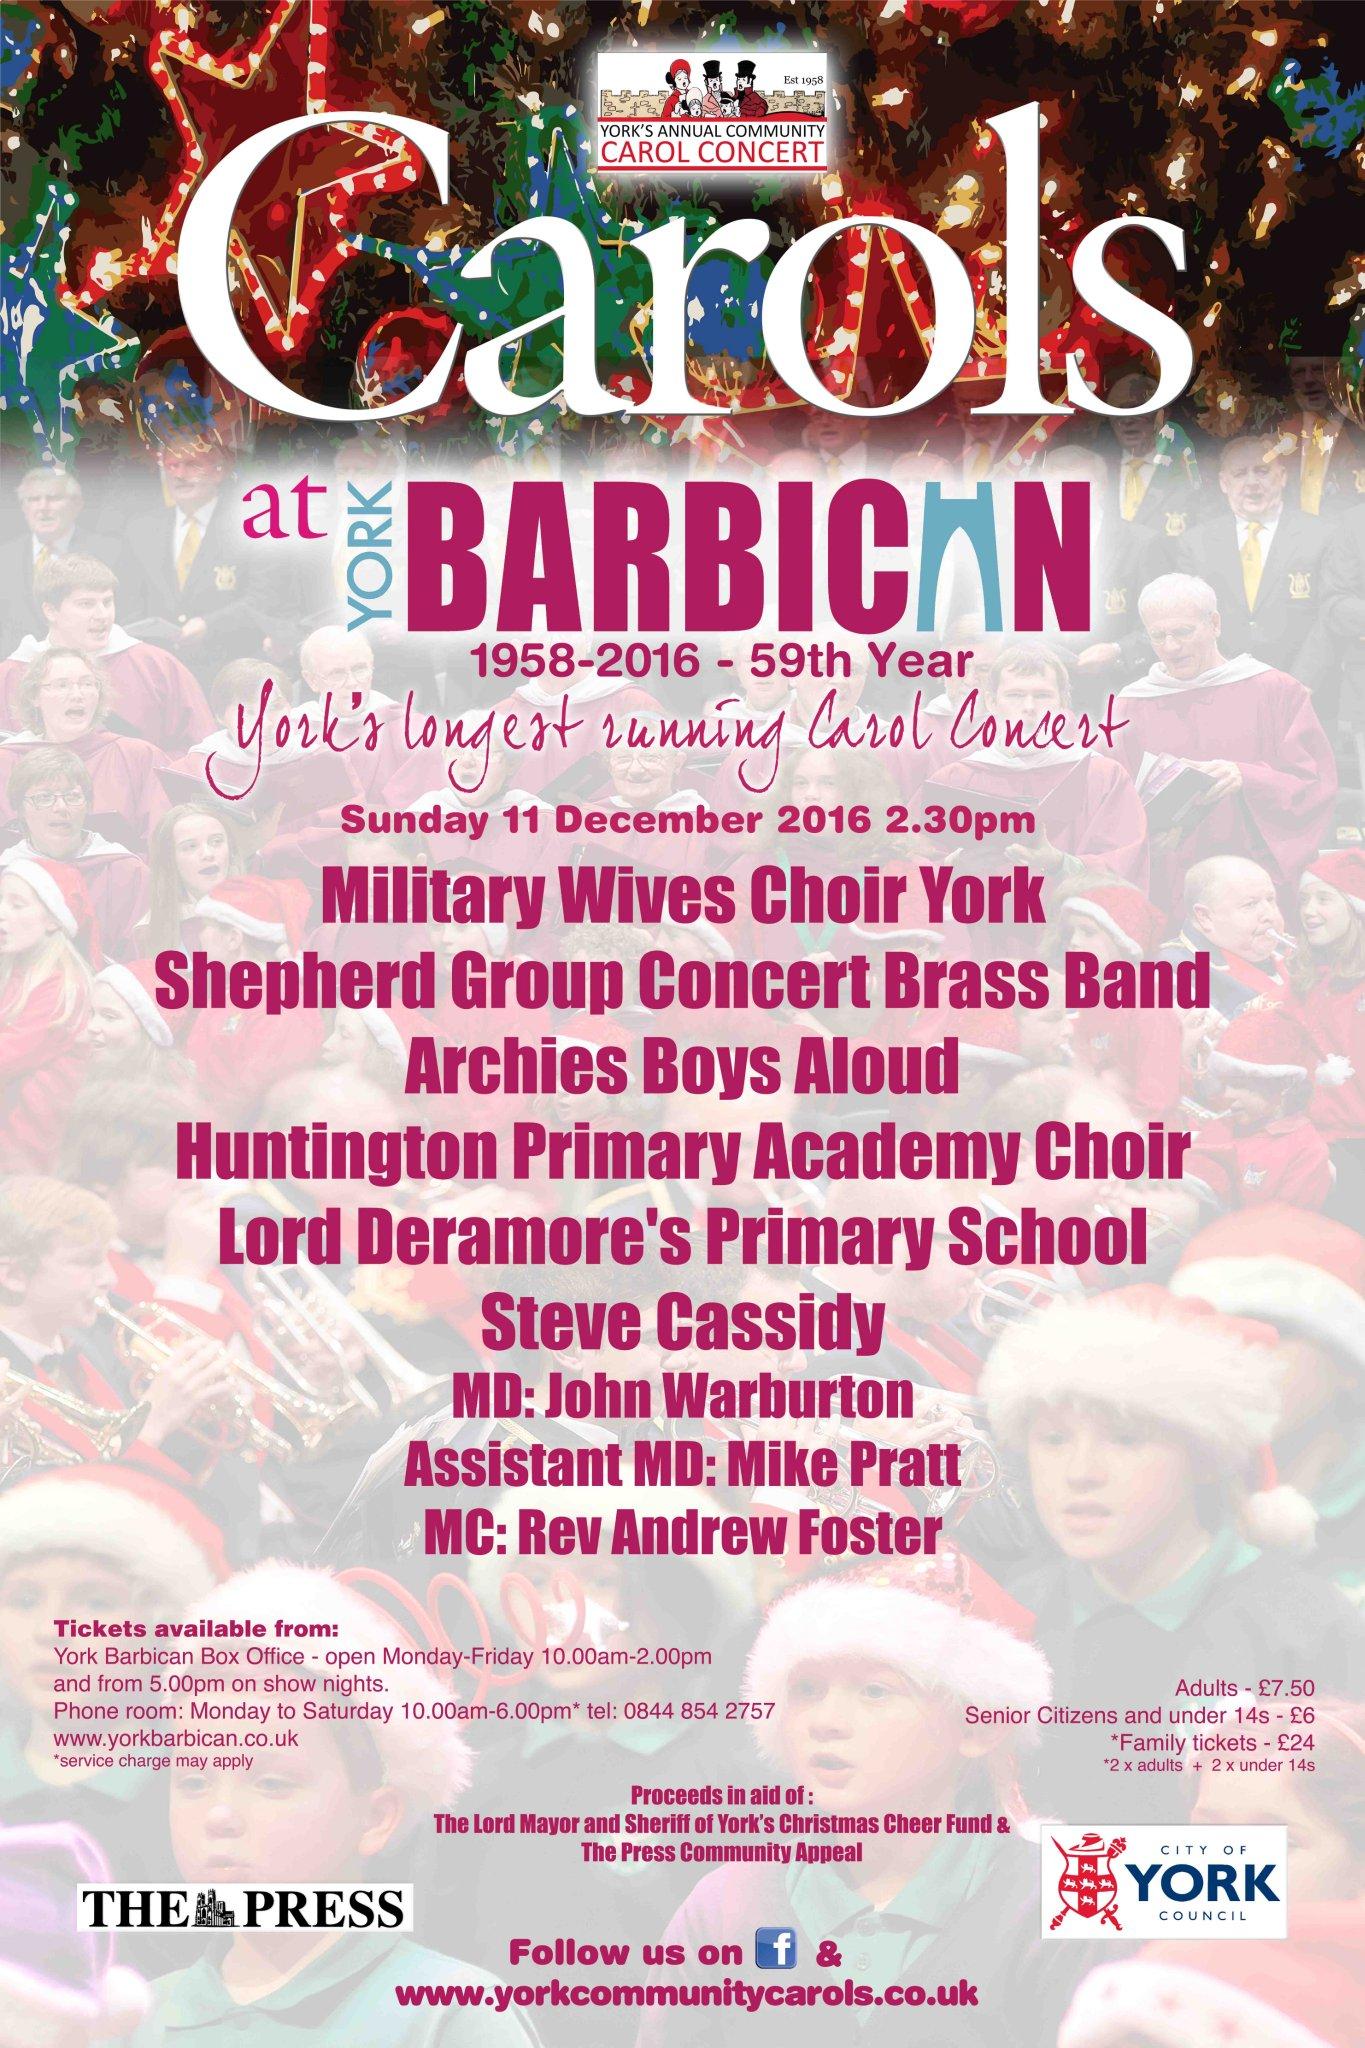 Military choir at Barbican